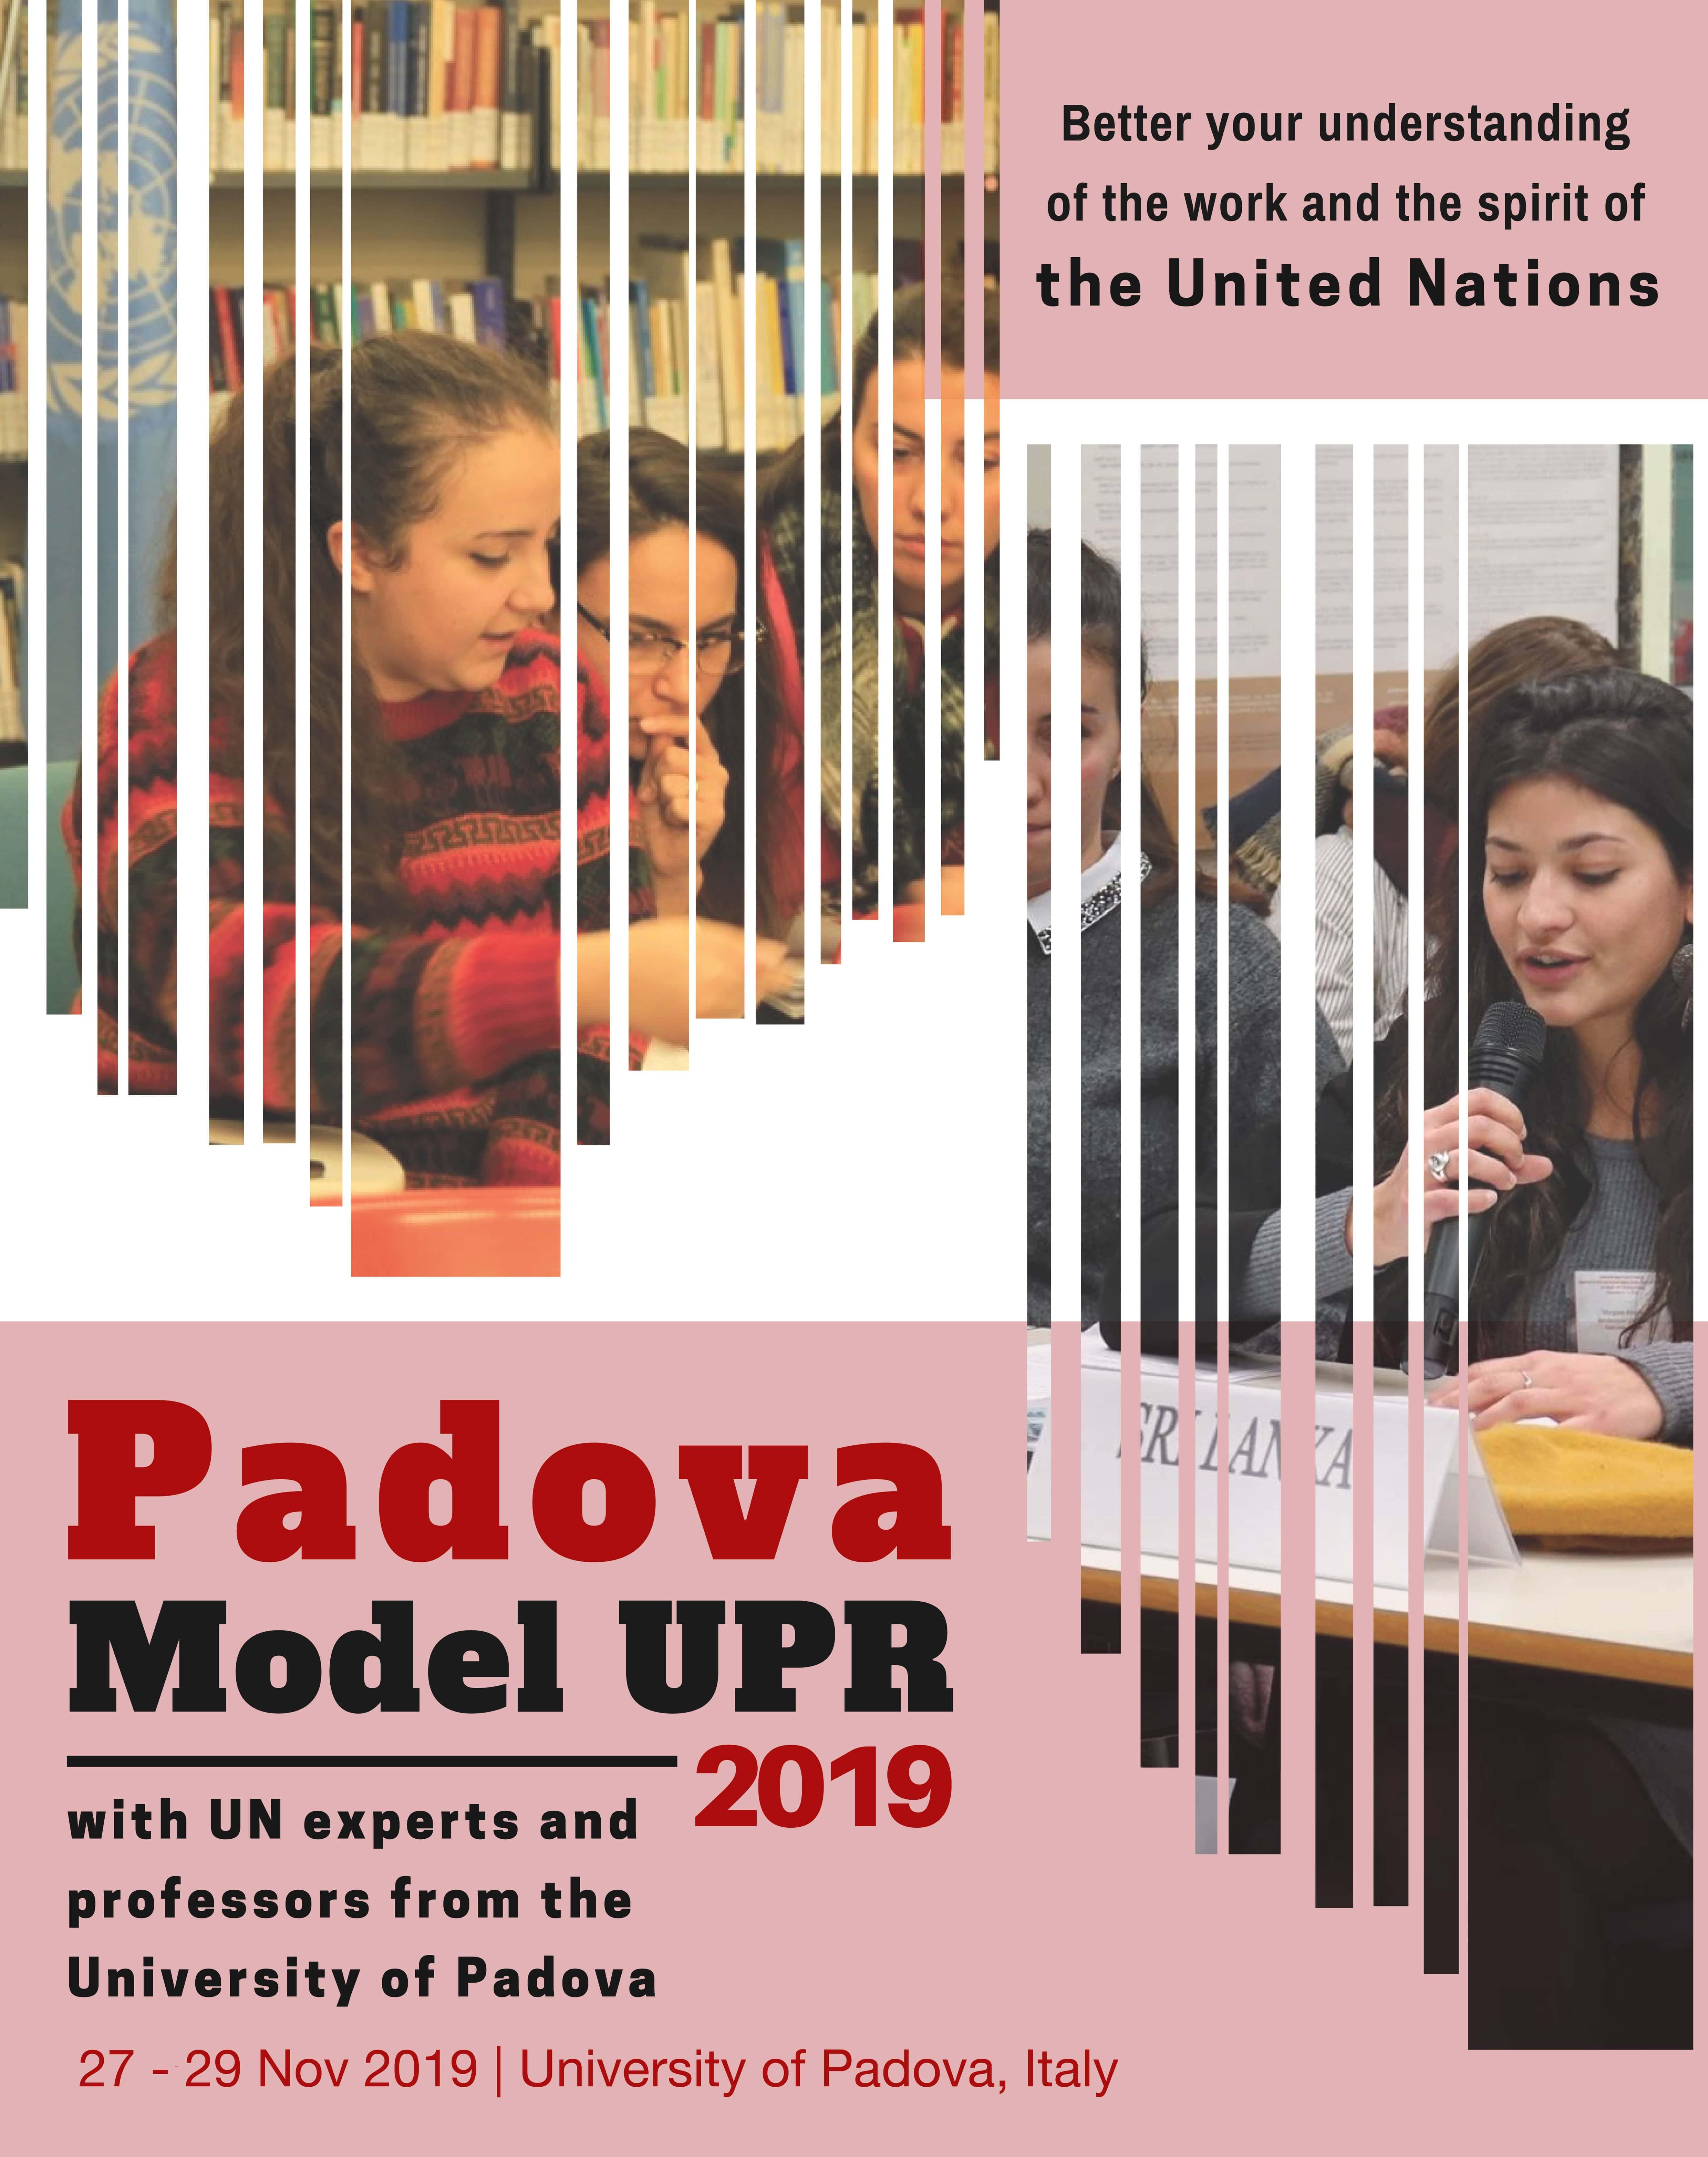 Padova Model UPR 2019